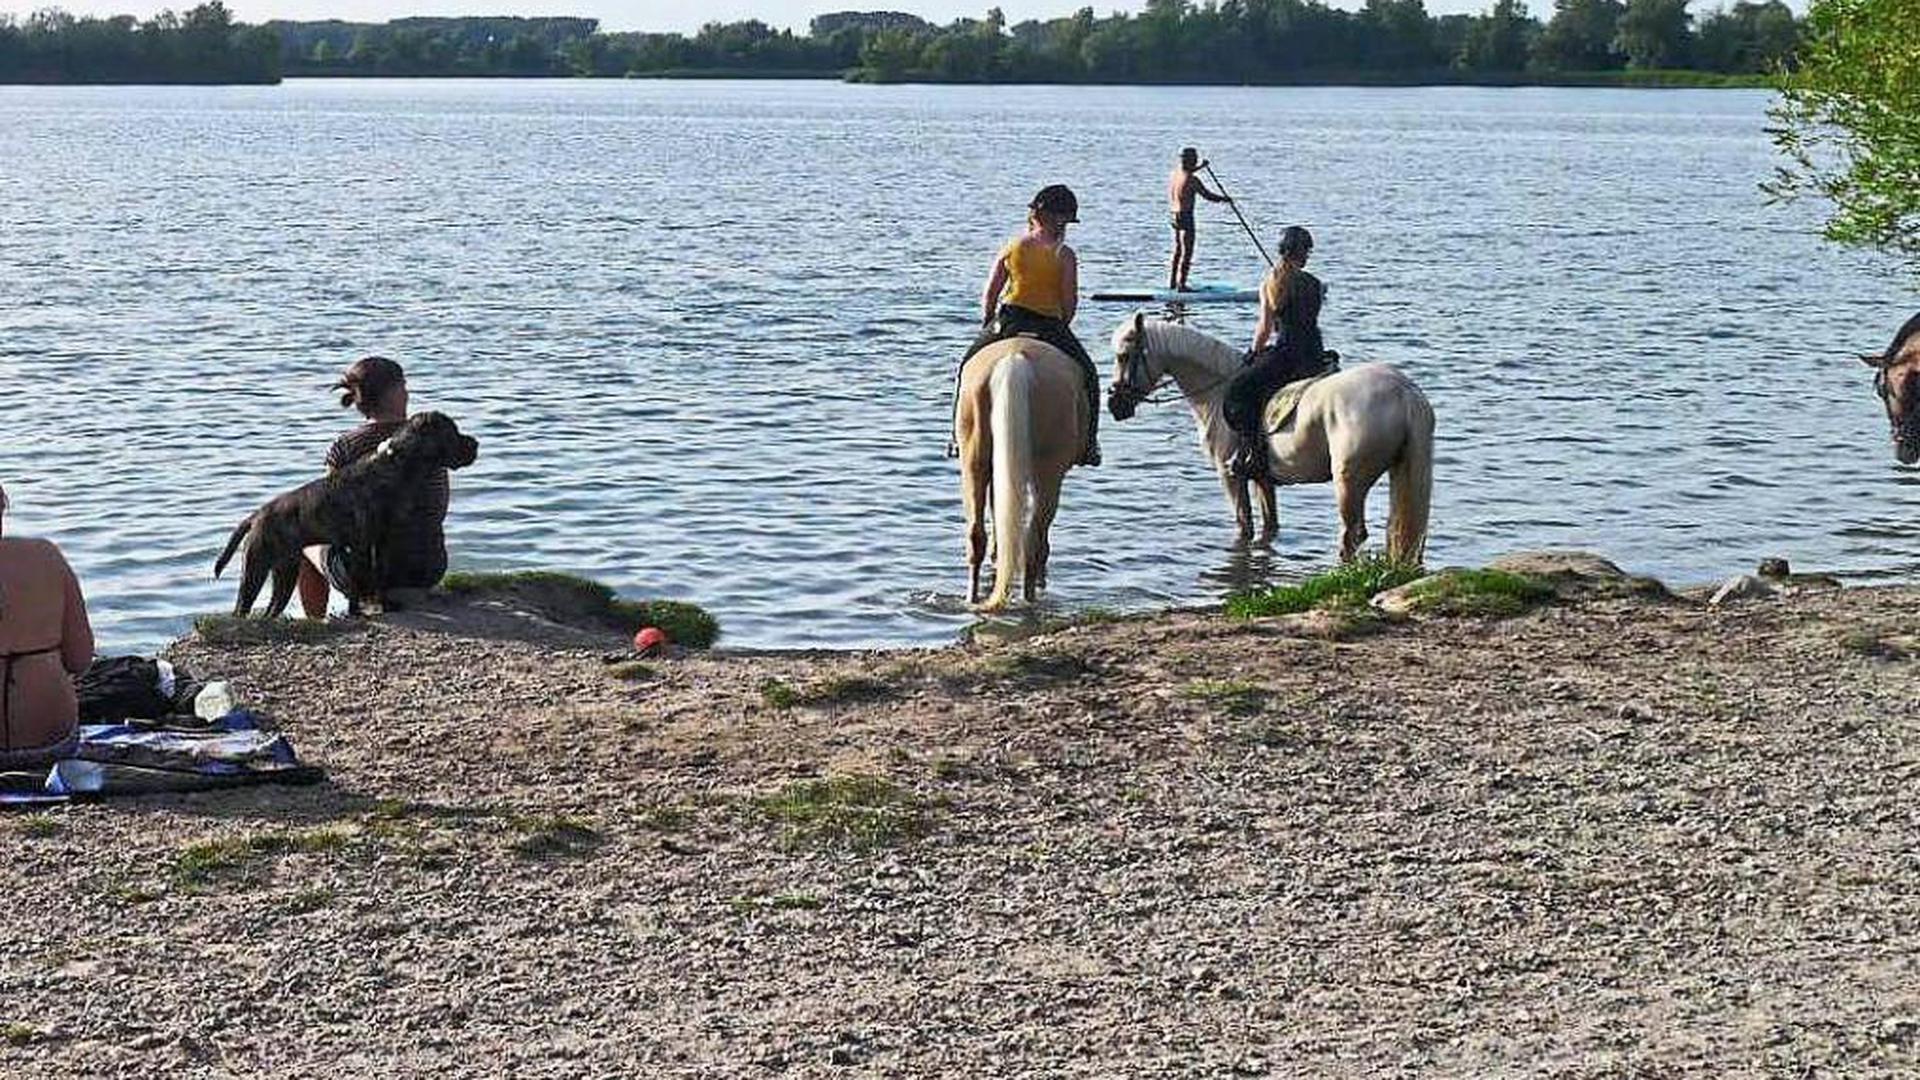 TIERISCHER BADESPASS: Hunde und Pferde genießen den Aufenthalt am Erlichsee in Oberhausen-Rheinhausen – zum Ärger von Anwohnern.